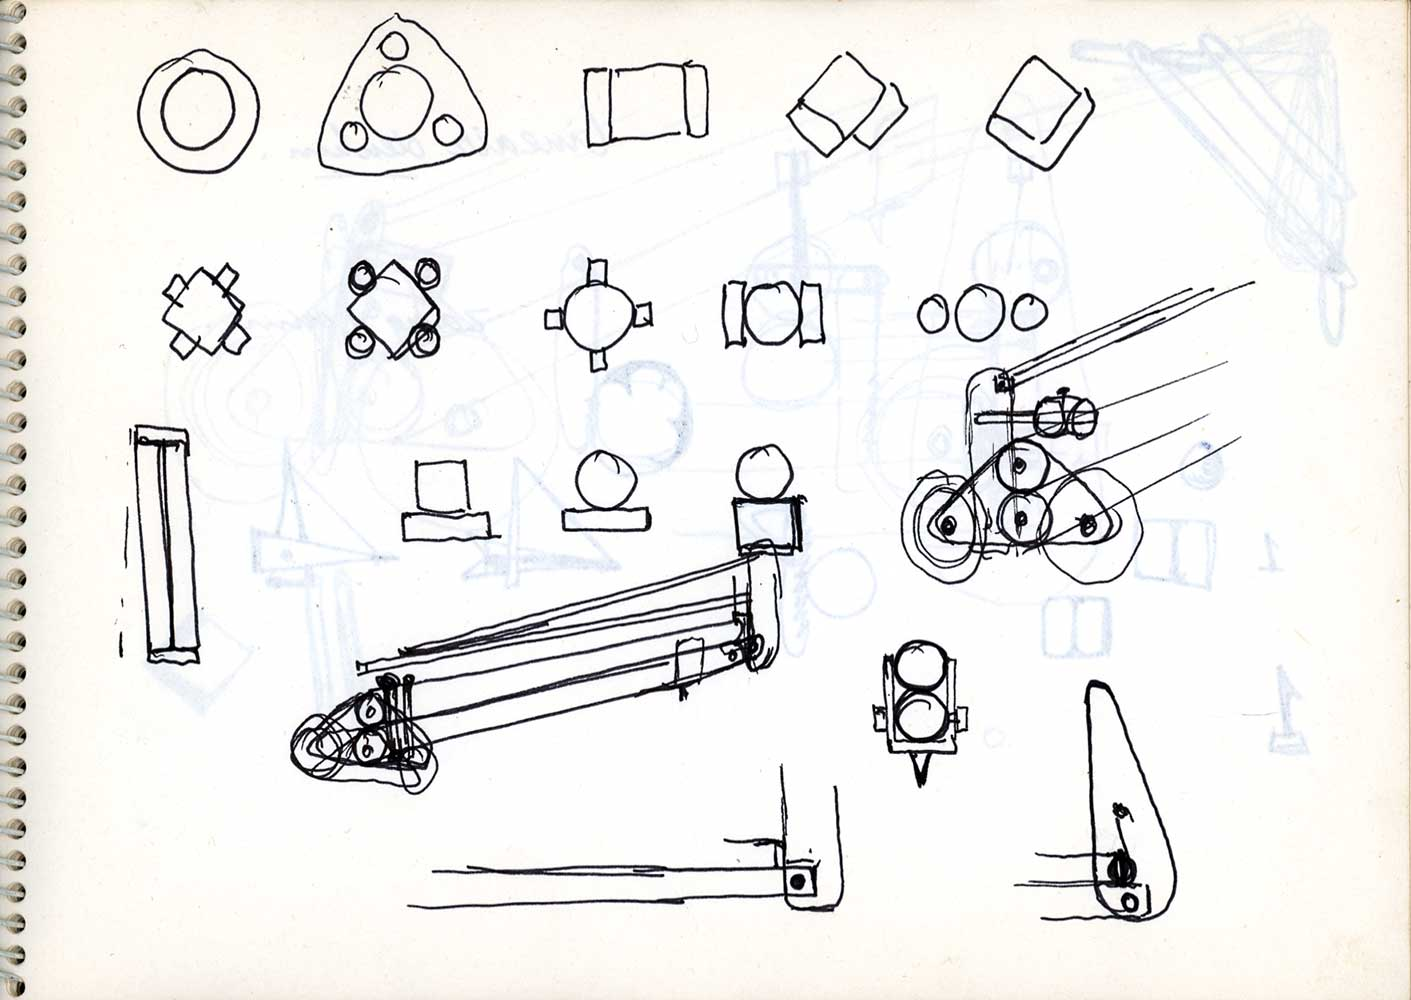 gerrit-van-bakel-horizontale-cirkelmachine-schets-s1979011